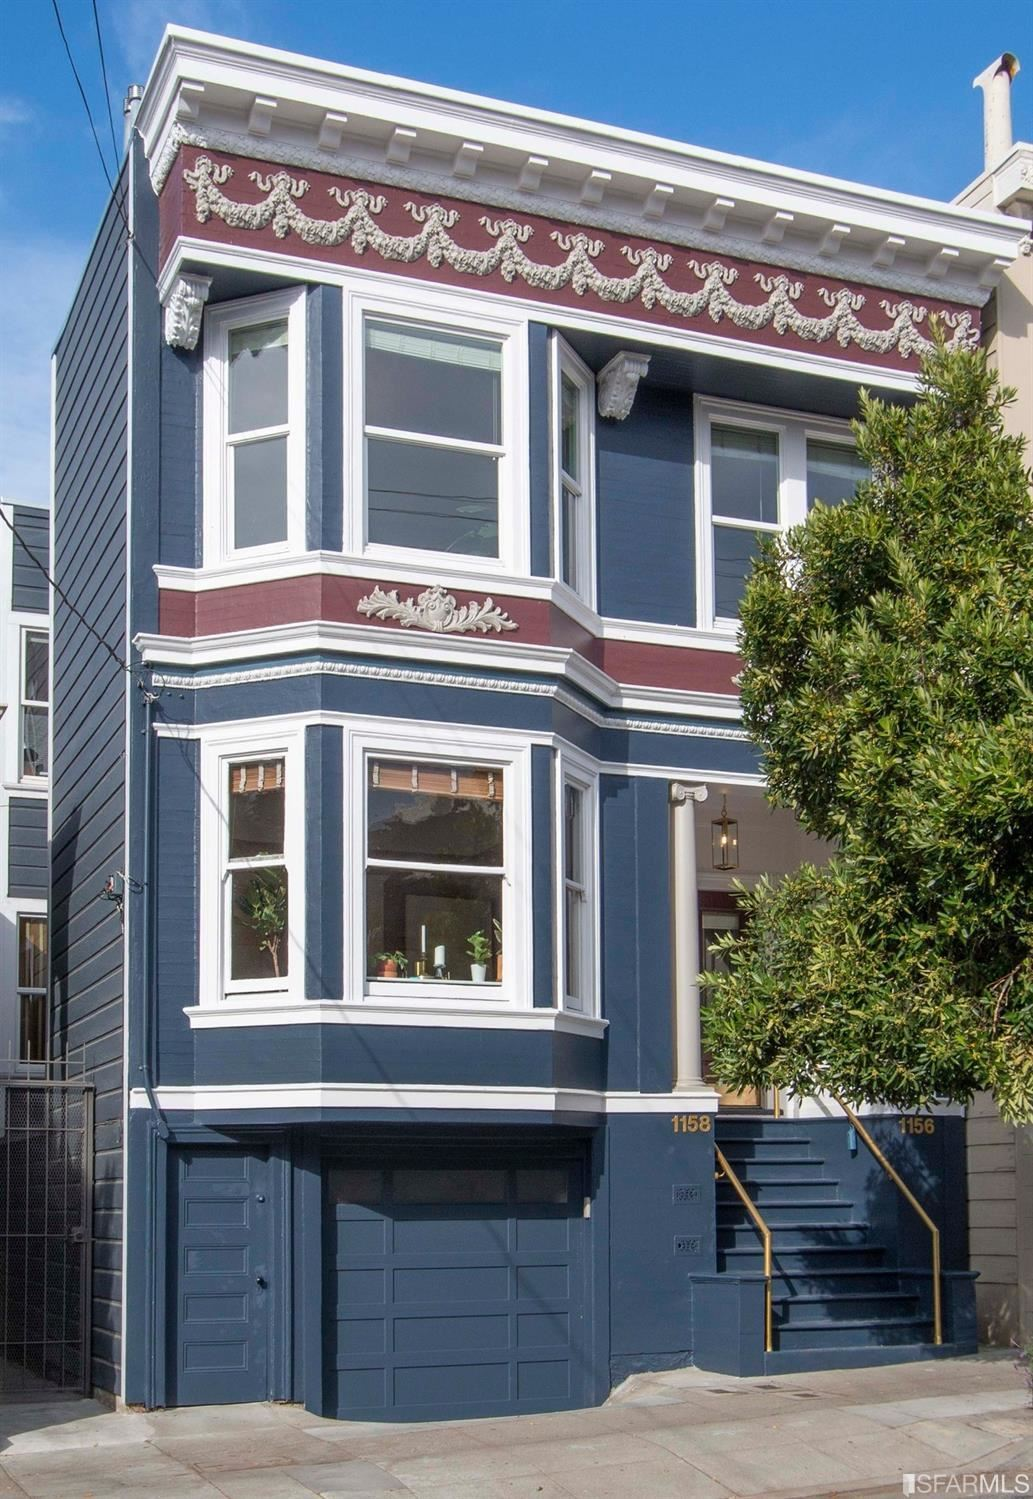 1156 1158 Church Street, San Francisco, CA 94114 - #: 511252